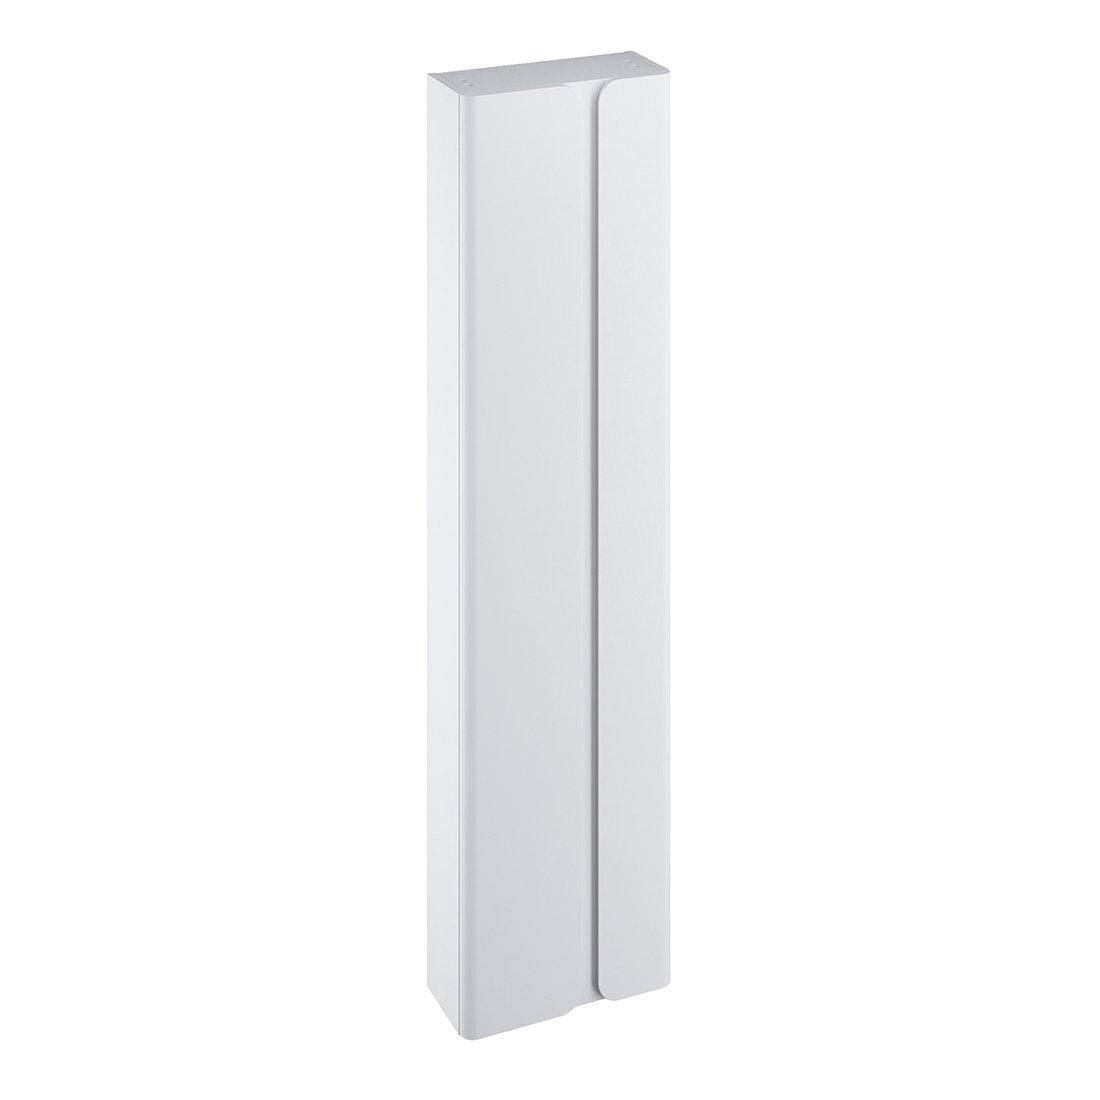 Aukšta spintelė Ravak SB Balance 400, balta/balta